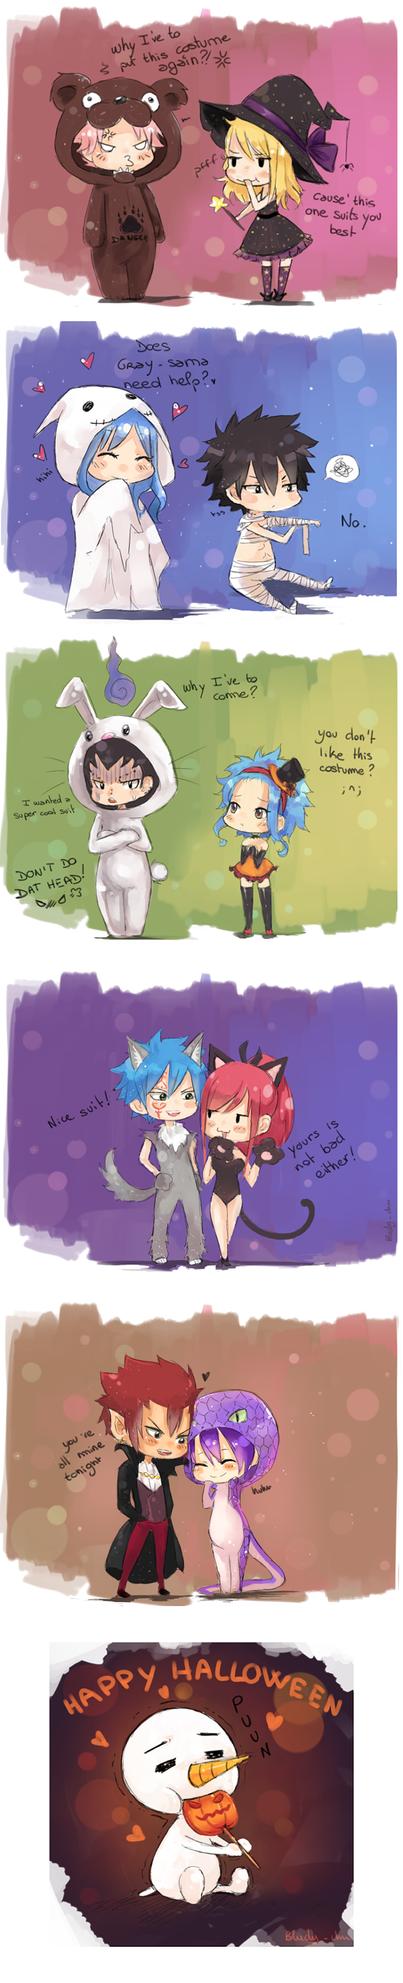 Happy Halloween! by Bludy-chu